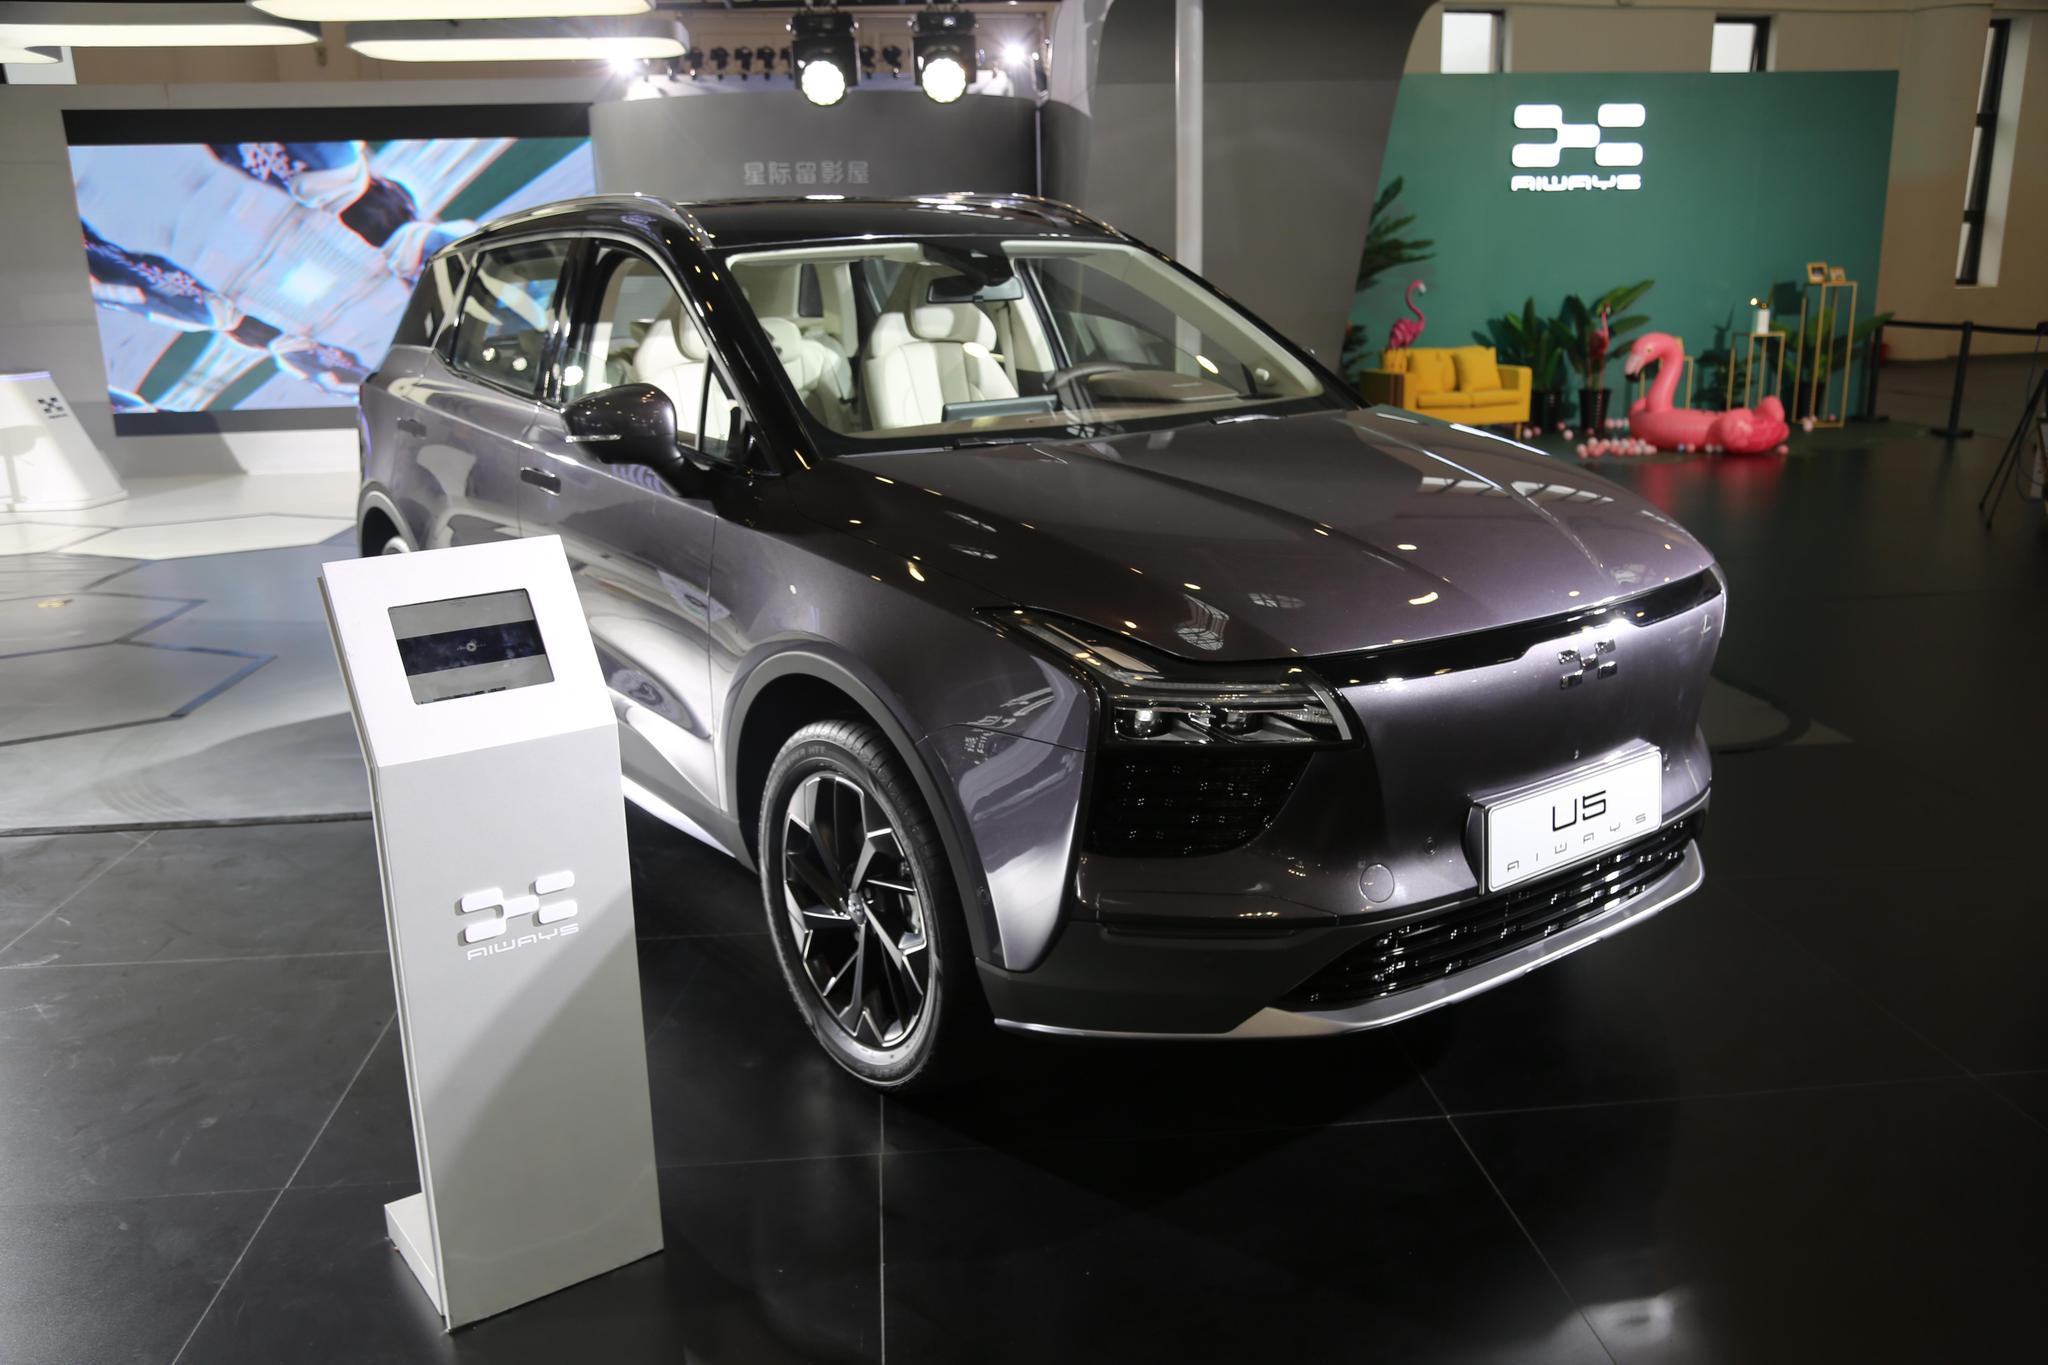 前途汽车K50,奇点汽车iS6 、爱驰汽车U5,新能源车你选谁?